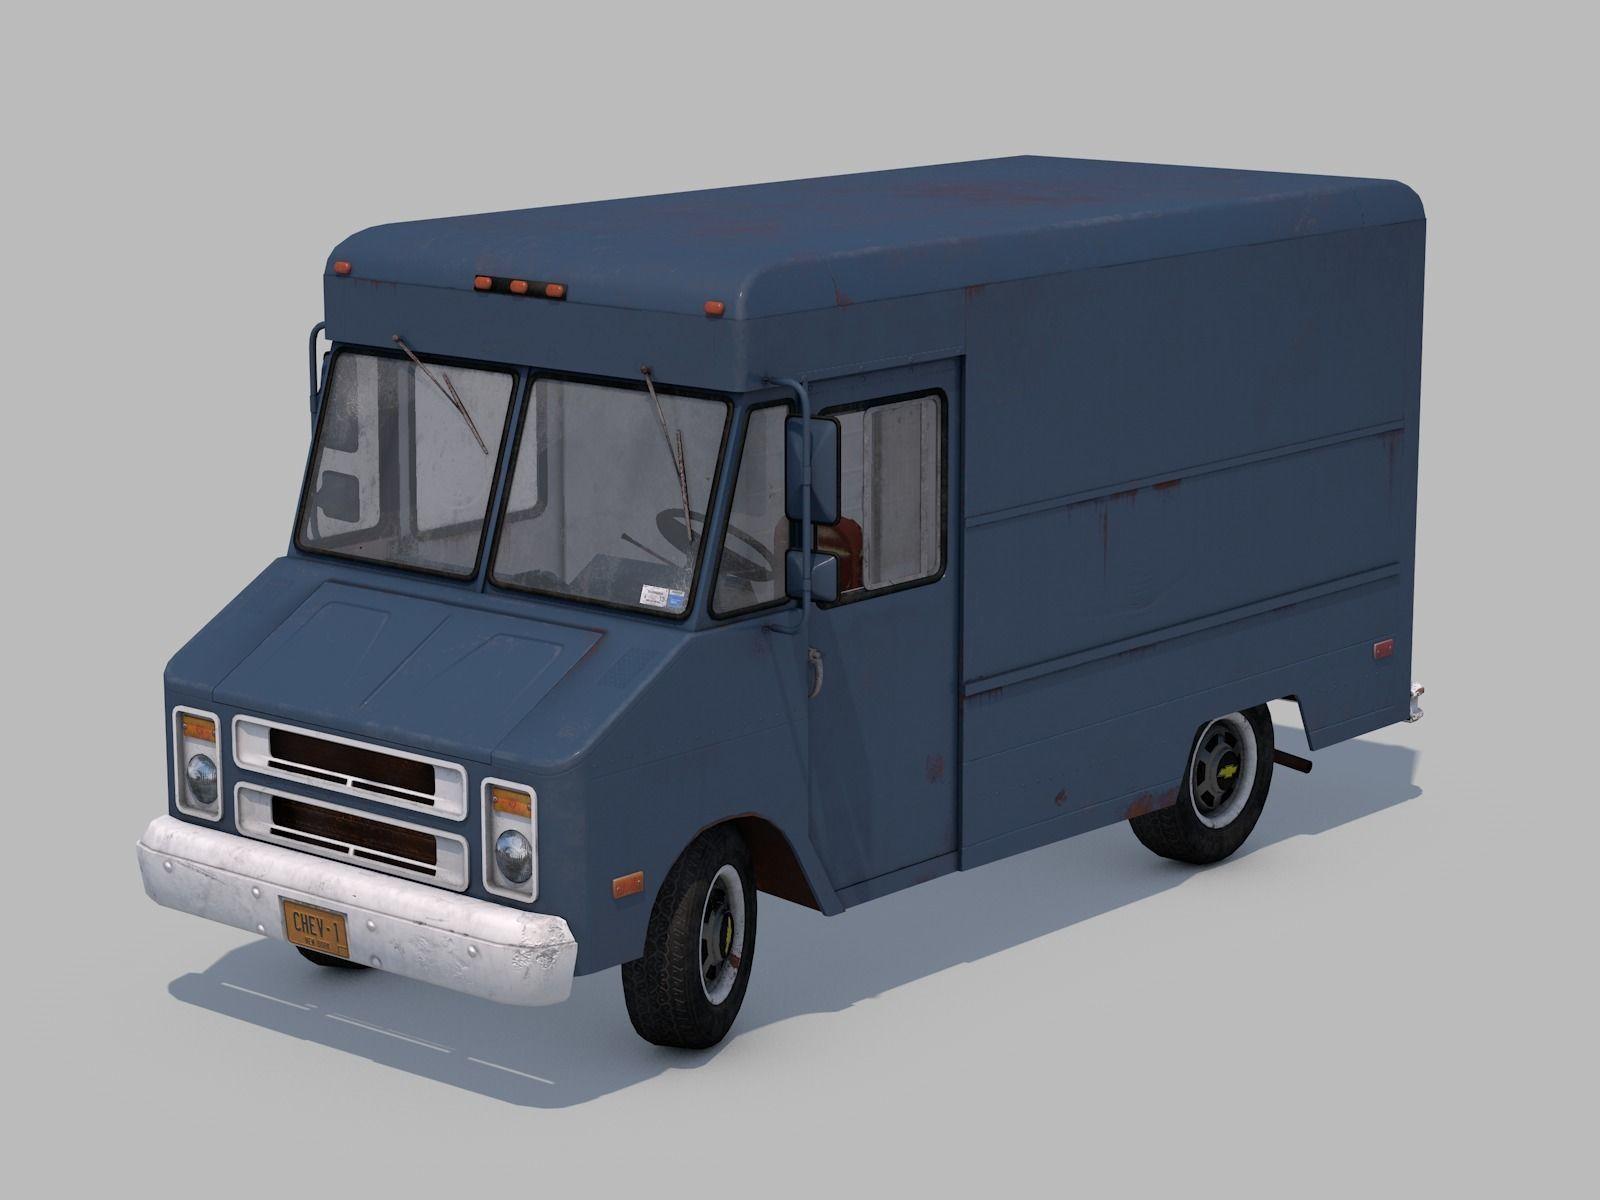 Classic  Van - C4D Rigg - PBR